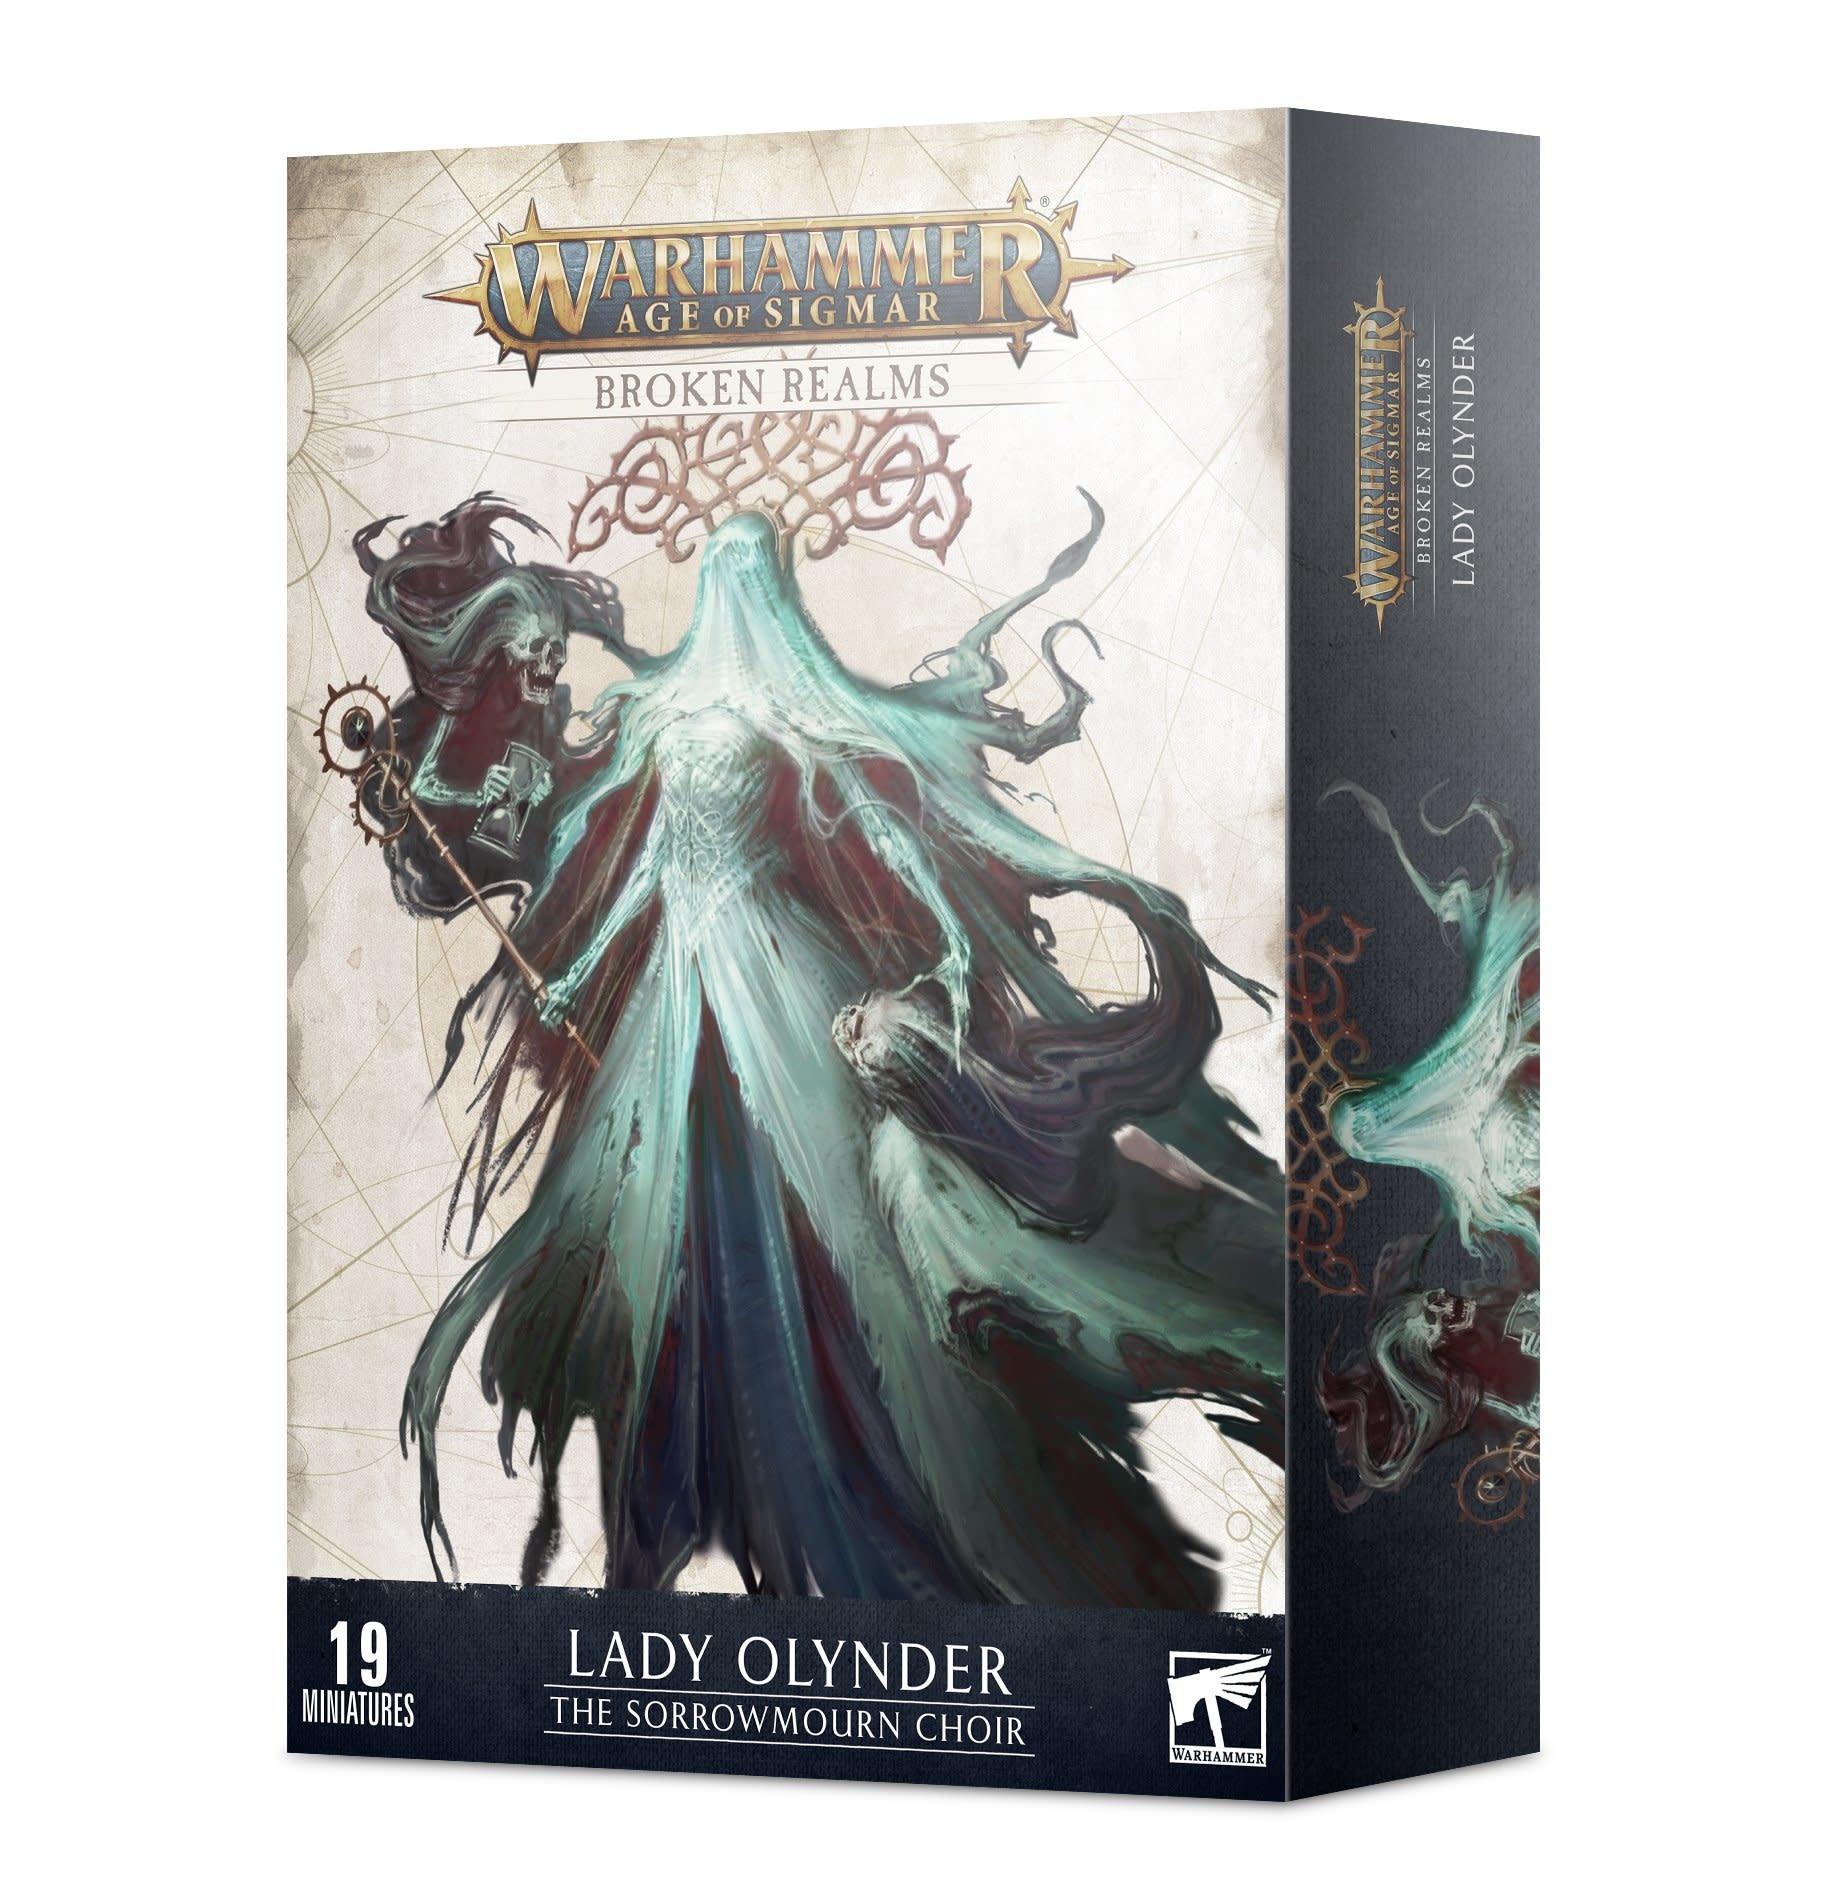 Broken Realms: Lady Olynder - The Sorrowmourn Choir